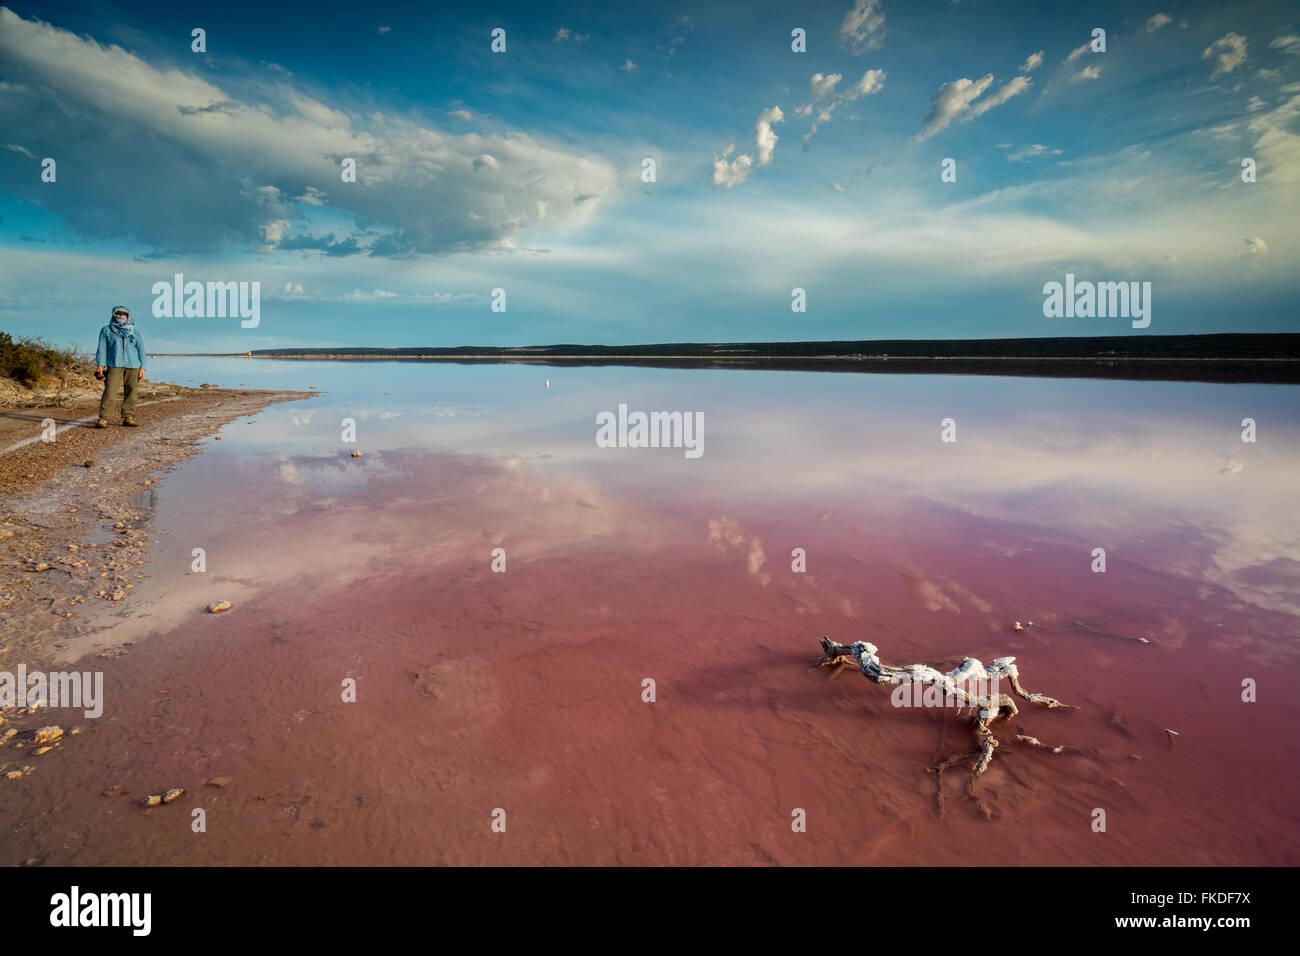 Wendy am Ufer der Lagune Rosa im Port Gregory, West-Australien Stockbild